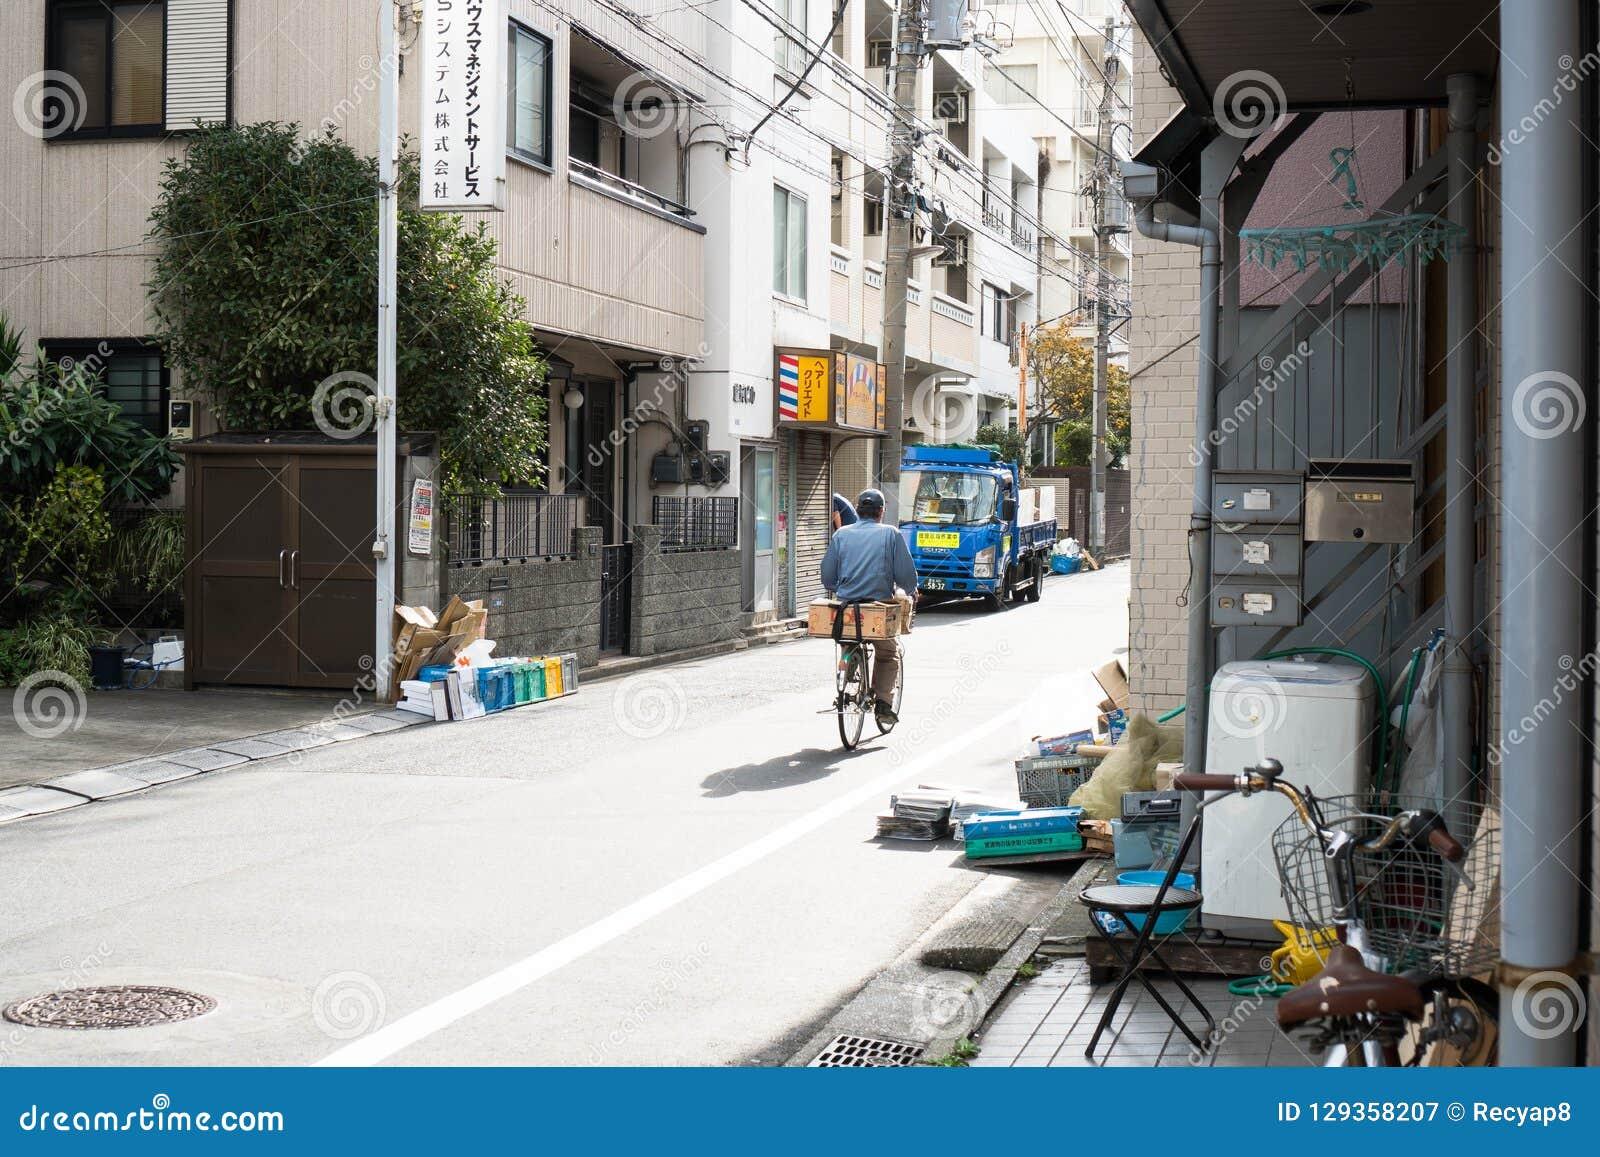 Tokyo, Japon - 9 octobre 2018 : un cycliste livrant des marchandises dans la rue intérieure du Japon